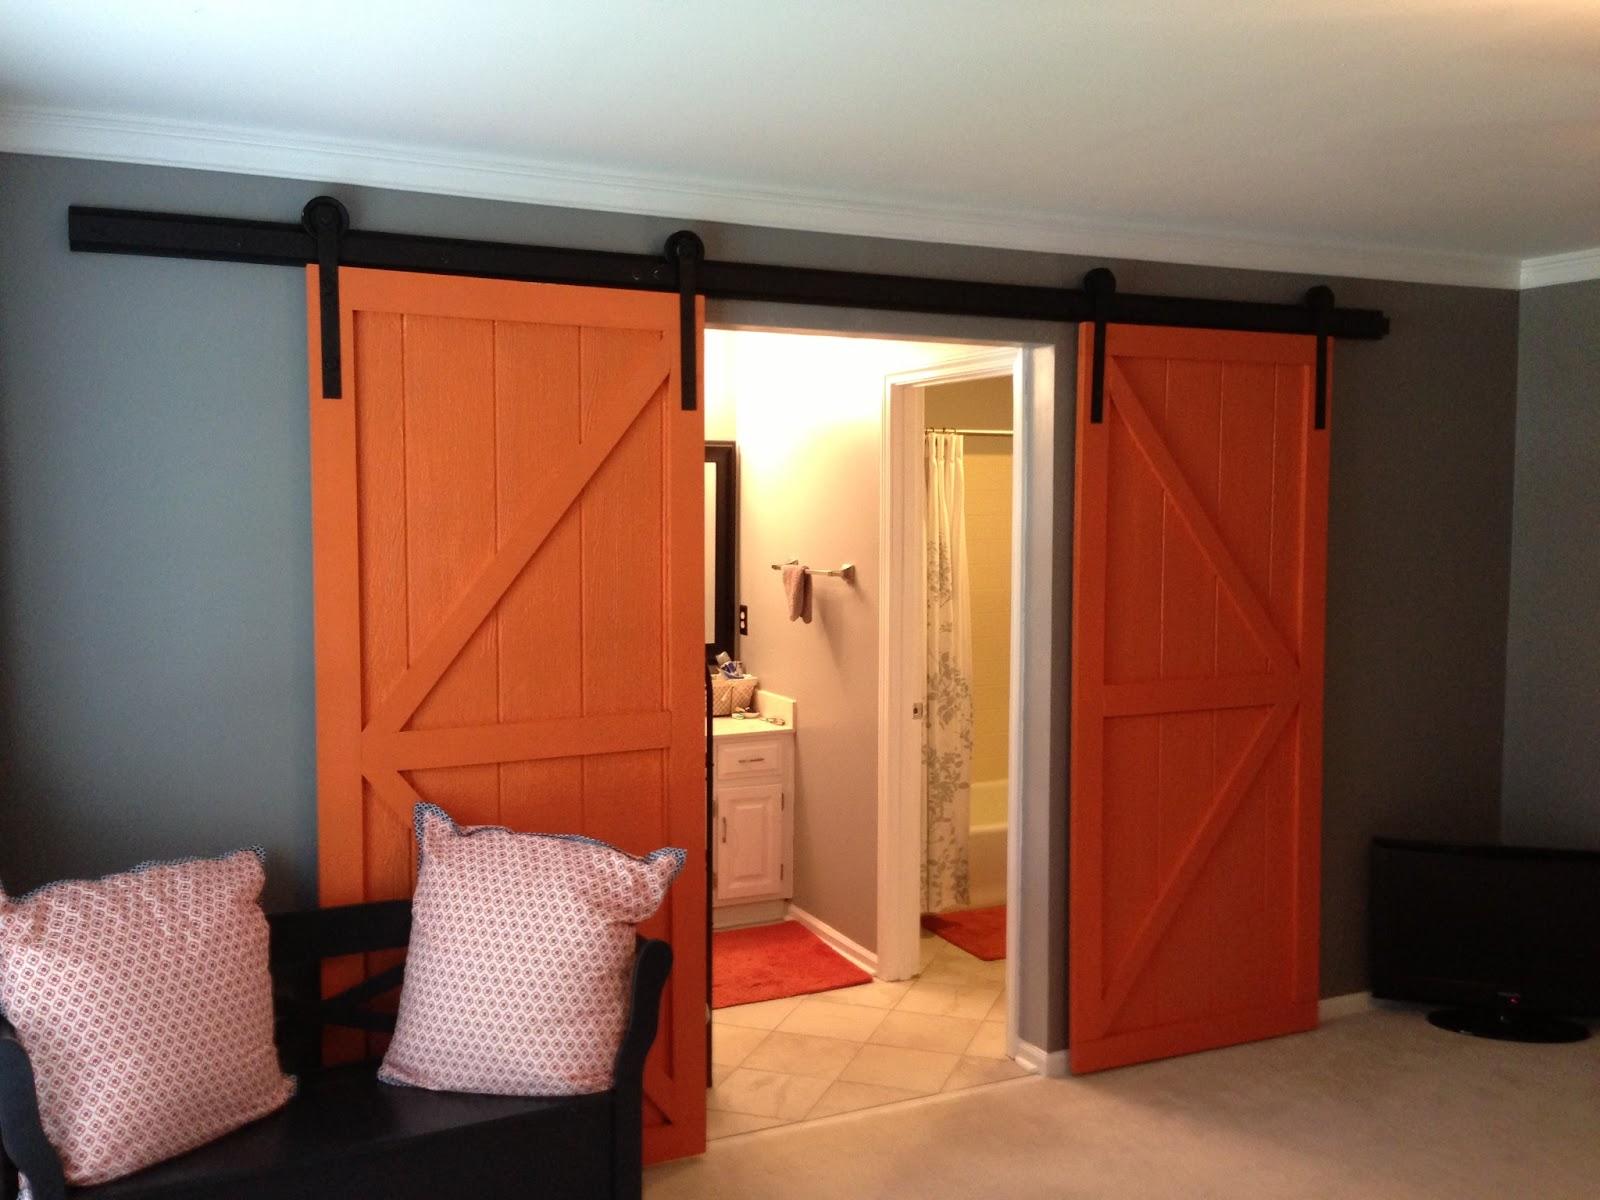 wilker do 39 s diy sliding barn door. Black Bedroom Furniture Sets. Home Design Ideas